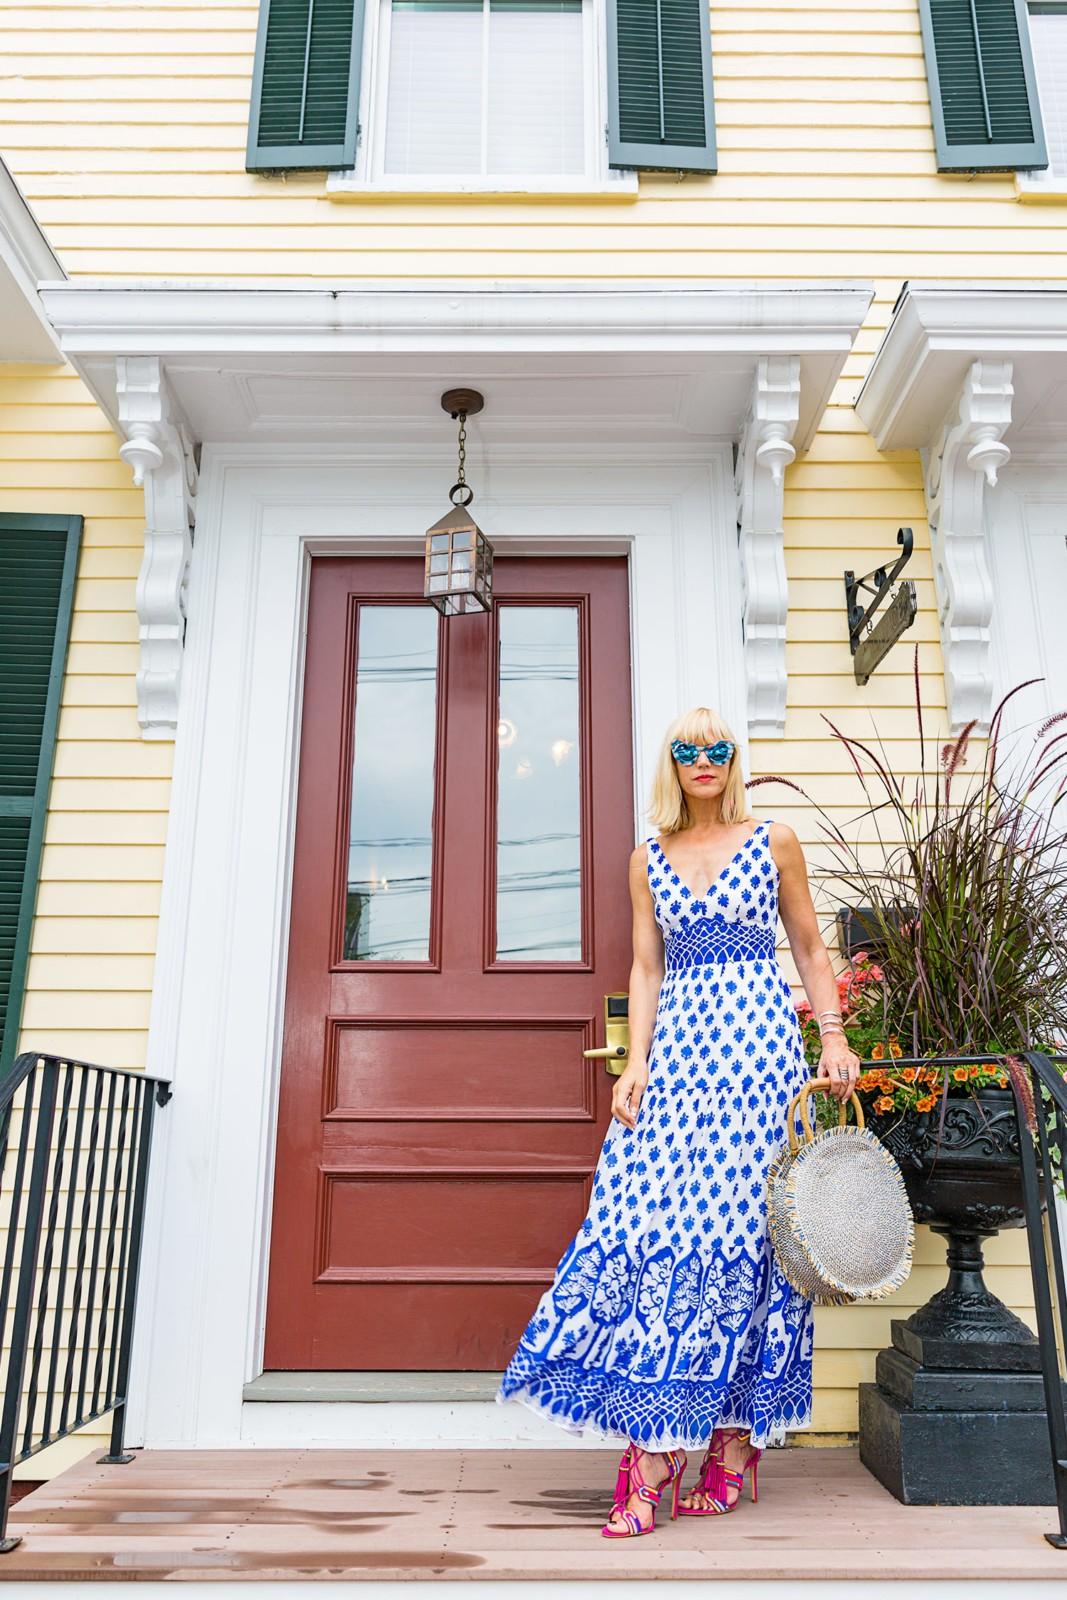 CatherineGraceO Essex Street Inn Front Door Sunnies